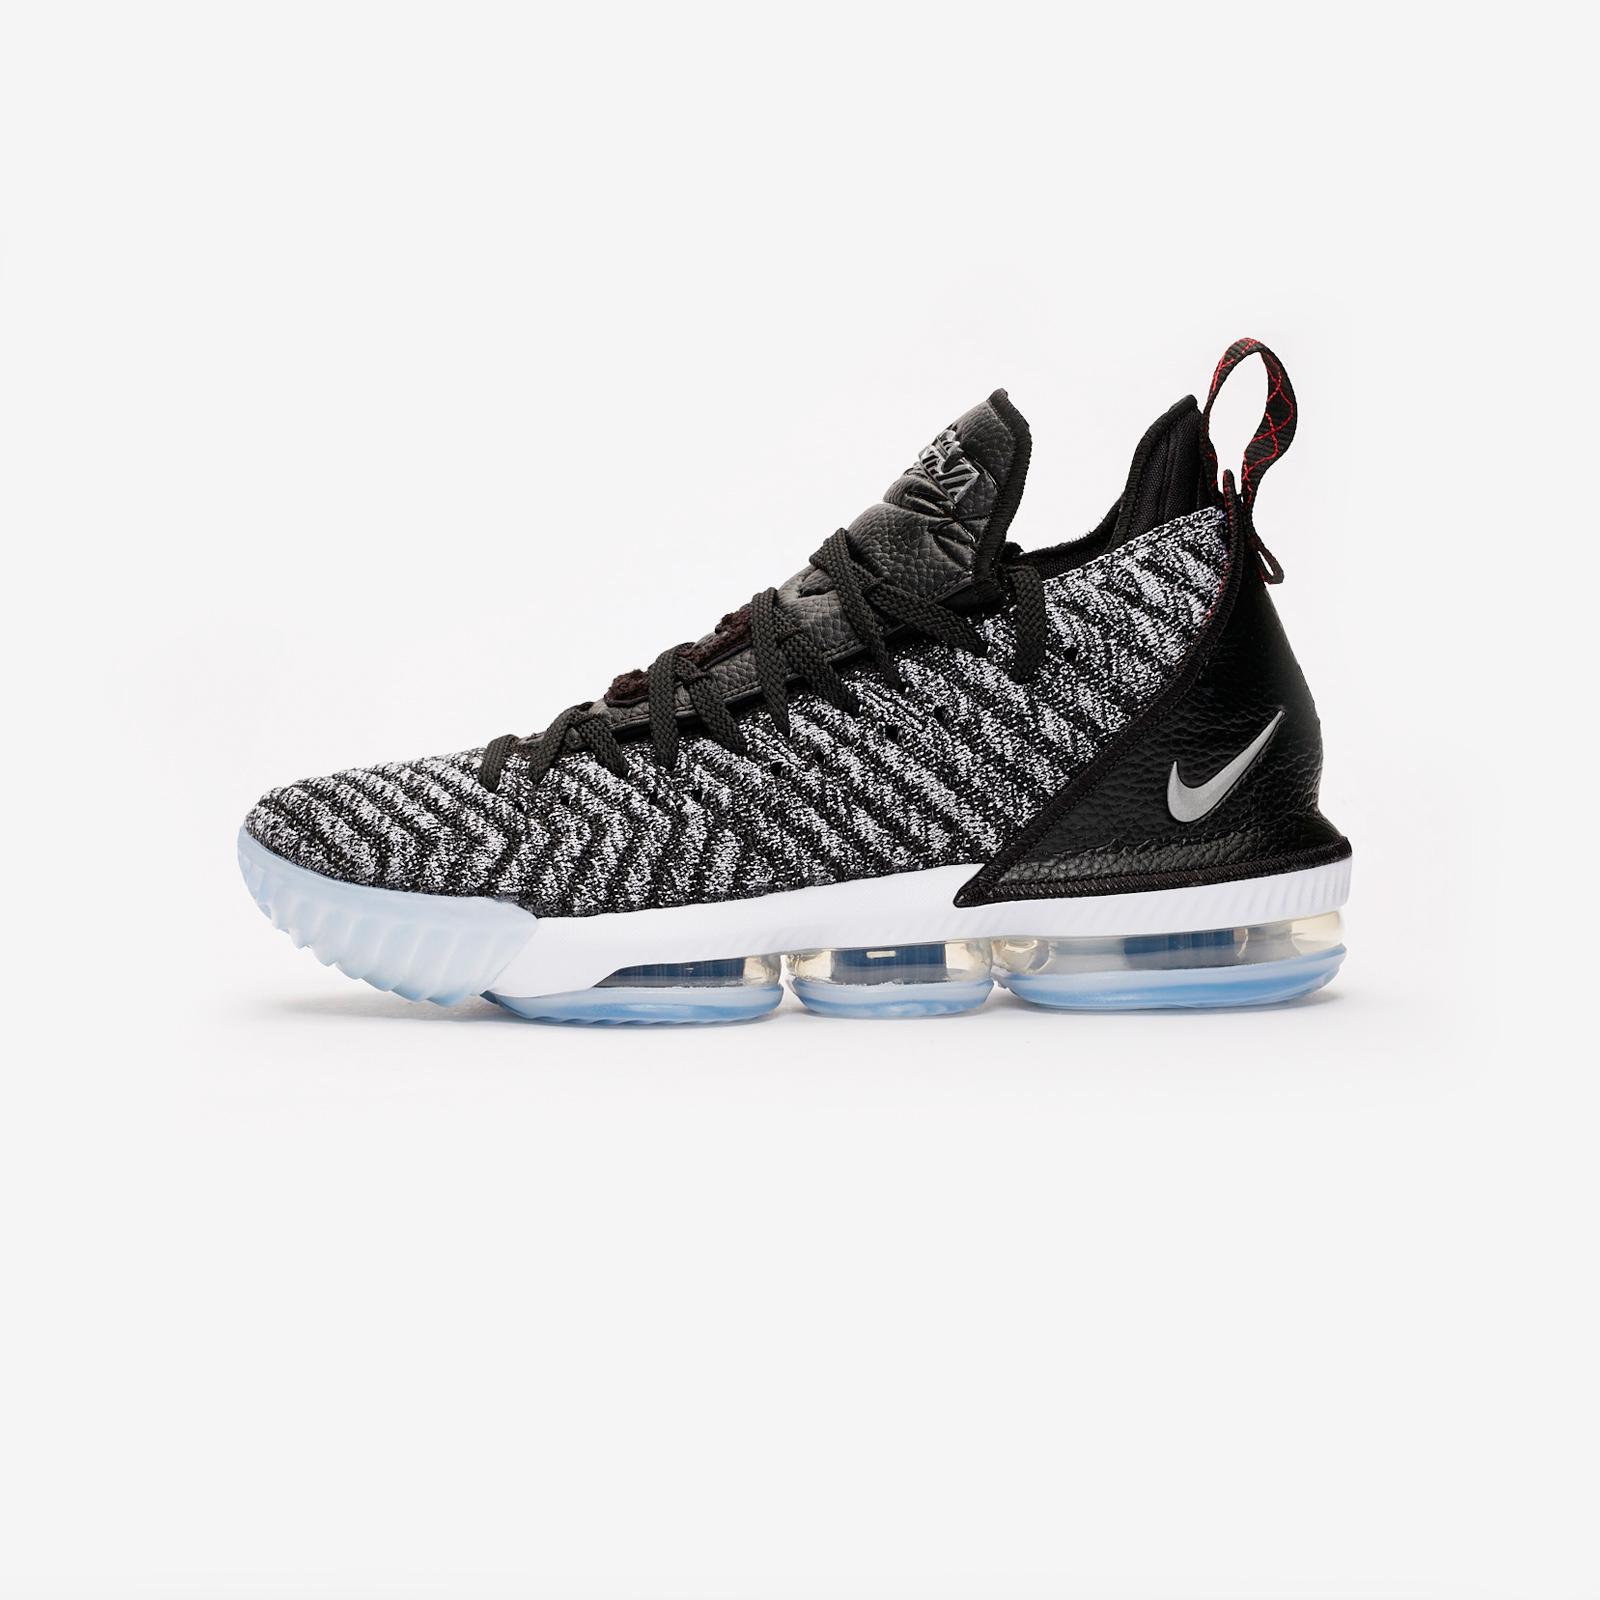 brand new 0021f a56a5 Nike LeBron XVI - Ao2588-006 - Sneakersnstuff   sneakers   streetwear på  nätet sen 1999